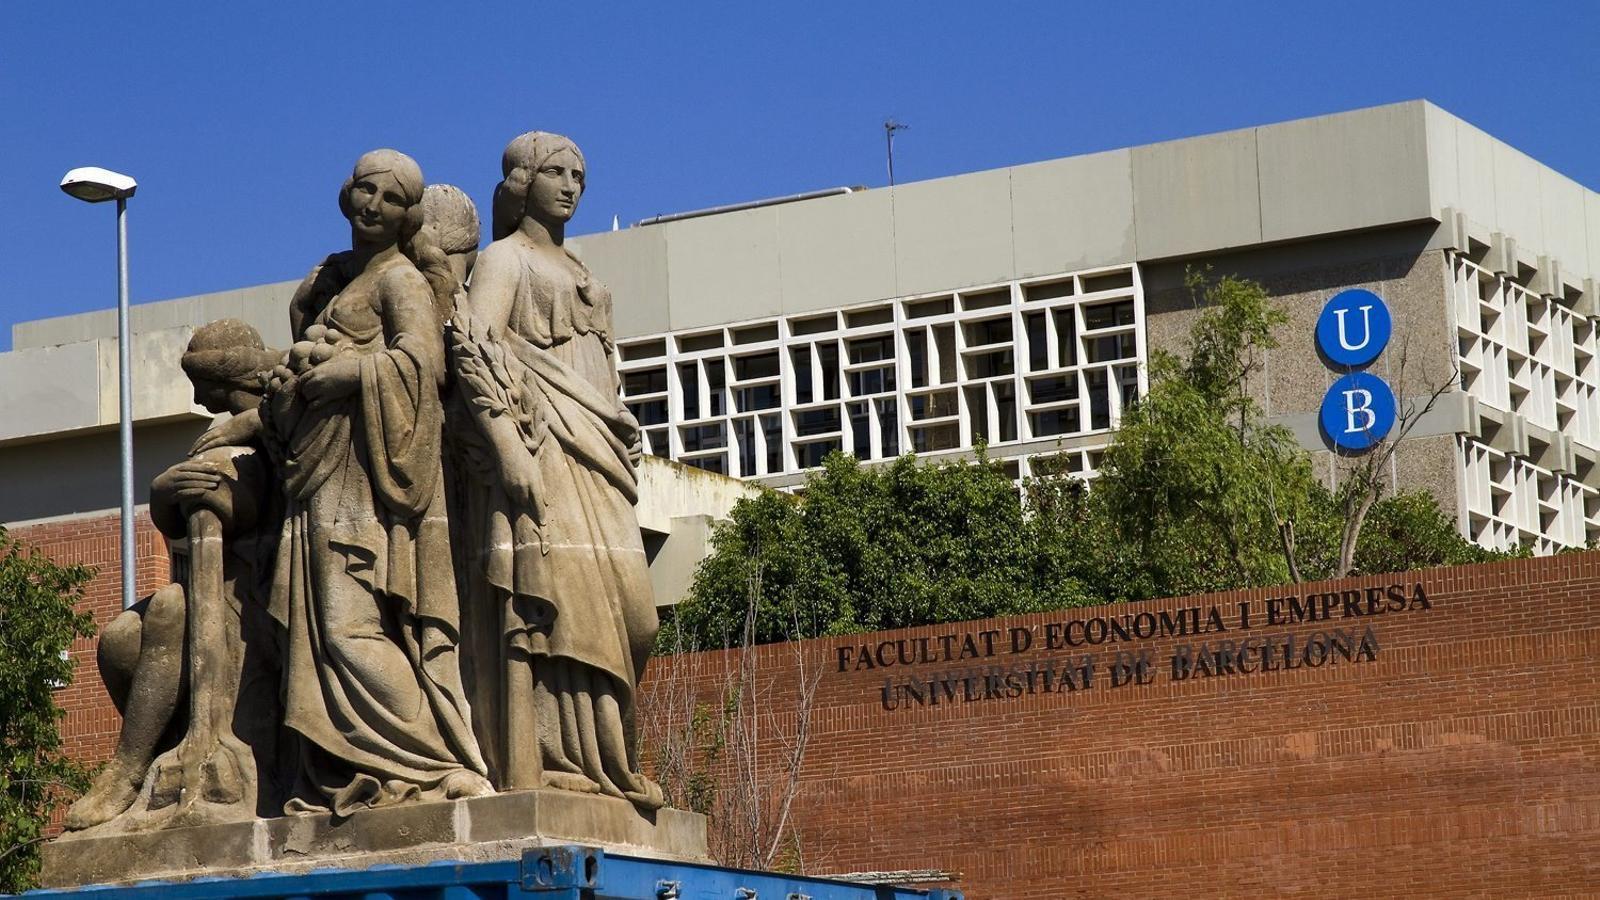 La UB és l'única universitat de l'Estat que apareix en les 200 primeres posicions del rànquing QS World University.